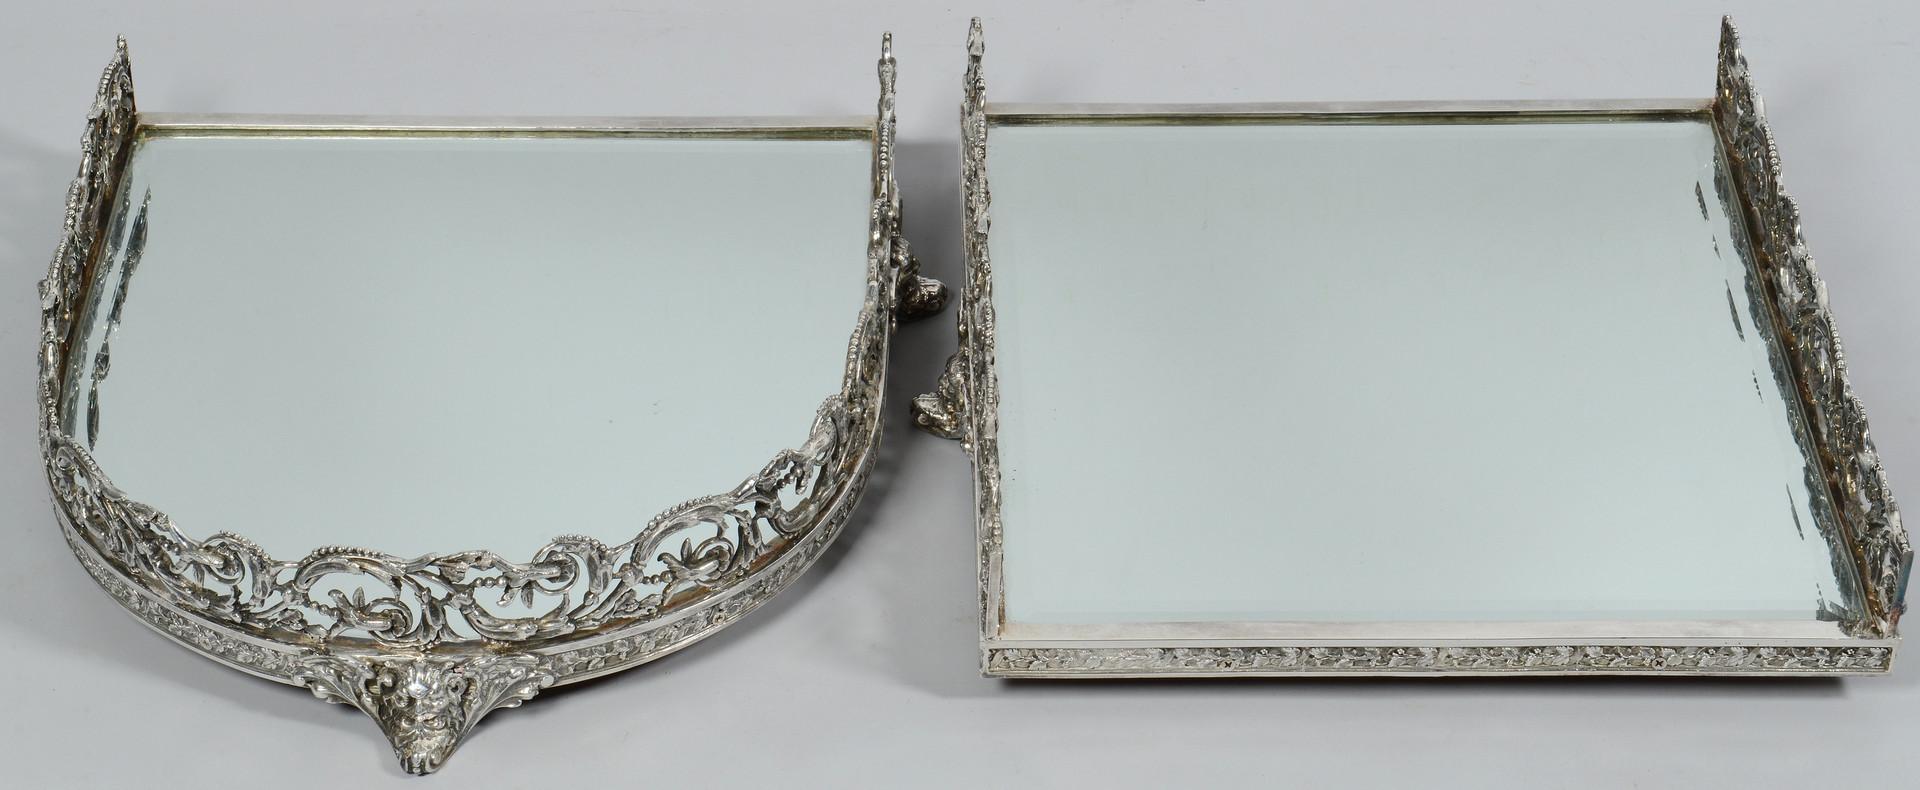 Lot 284: 4-piece Silverplated Plateau